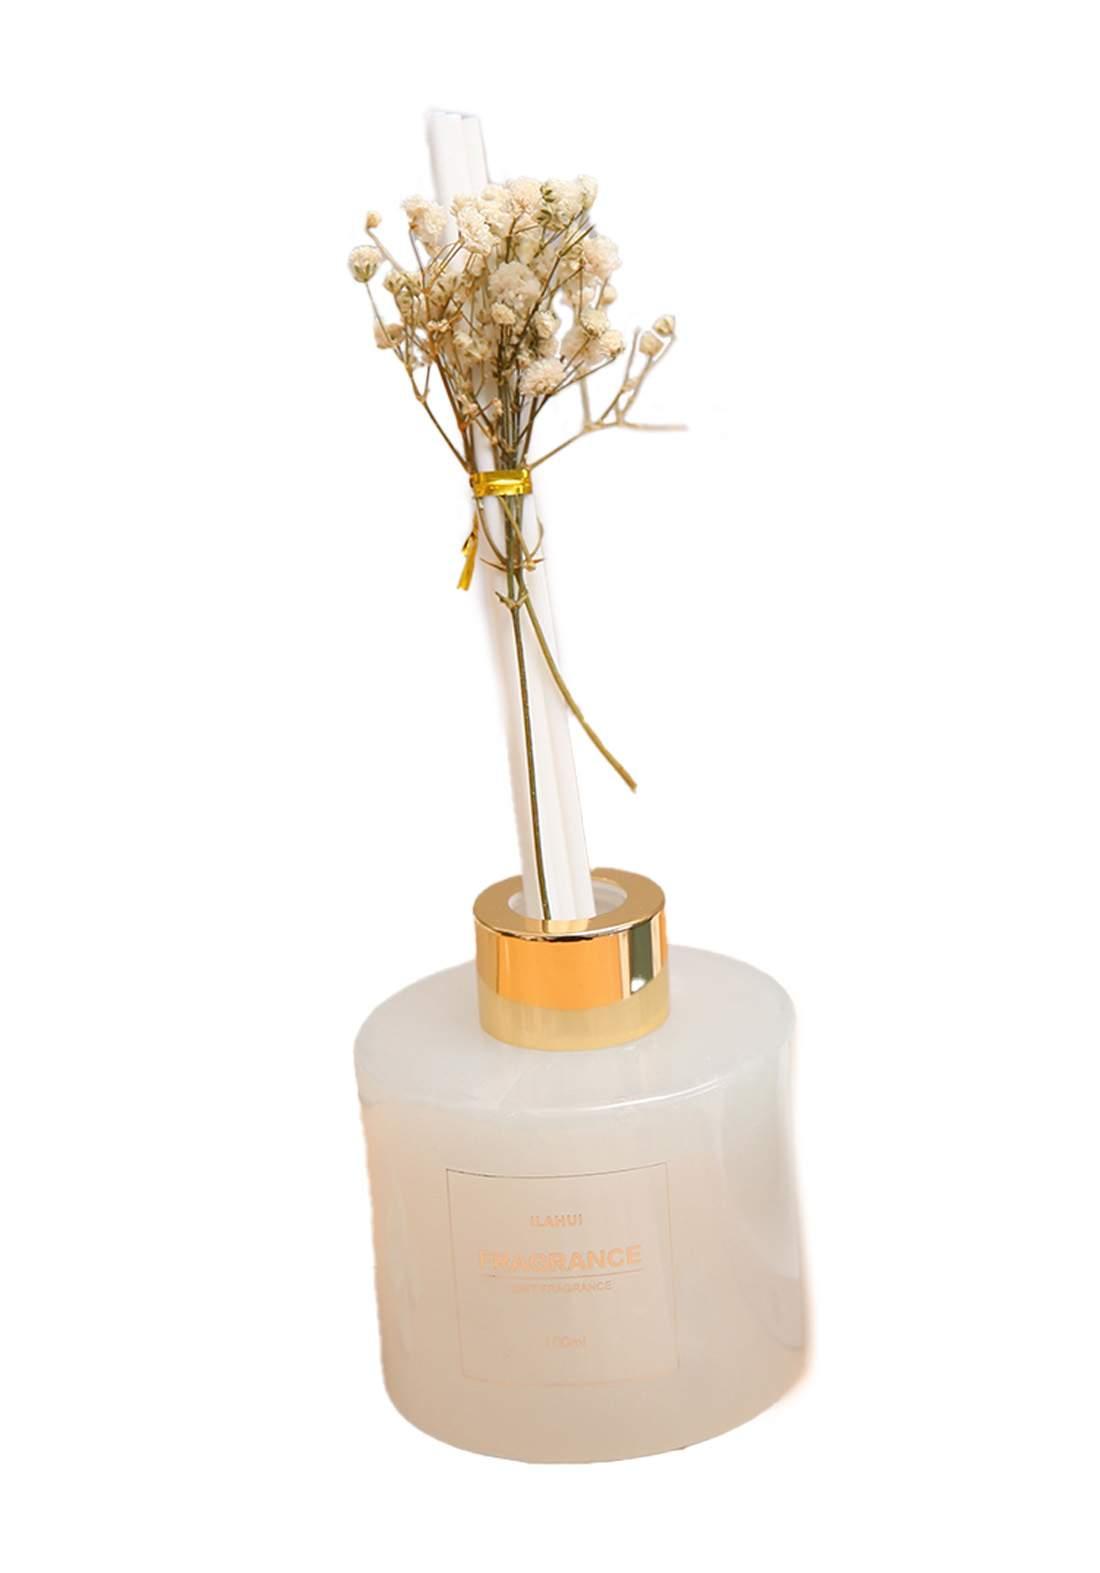 Ilahui Sea Salt fragrance معطر جو